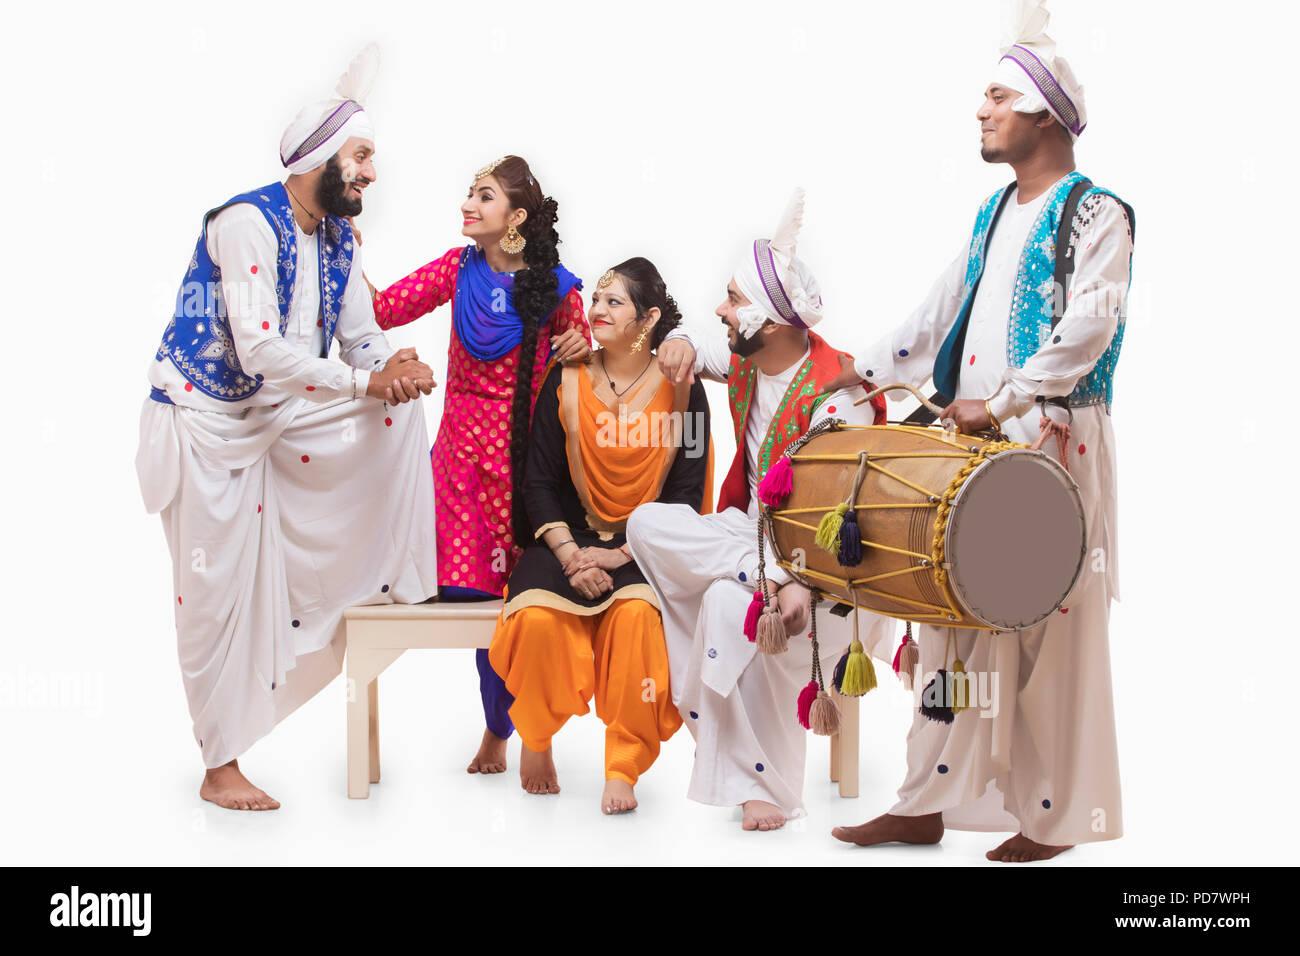 Sikh People Posing - Stock Image